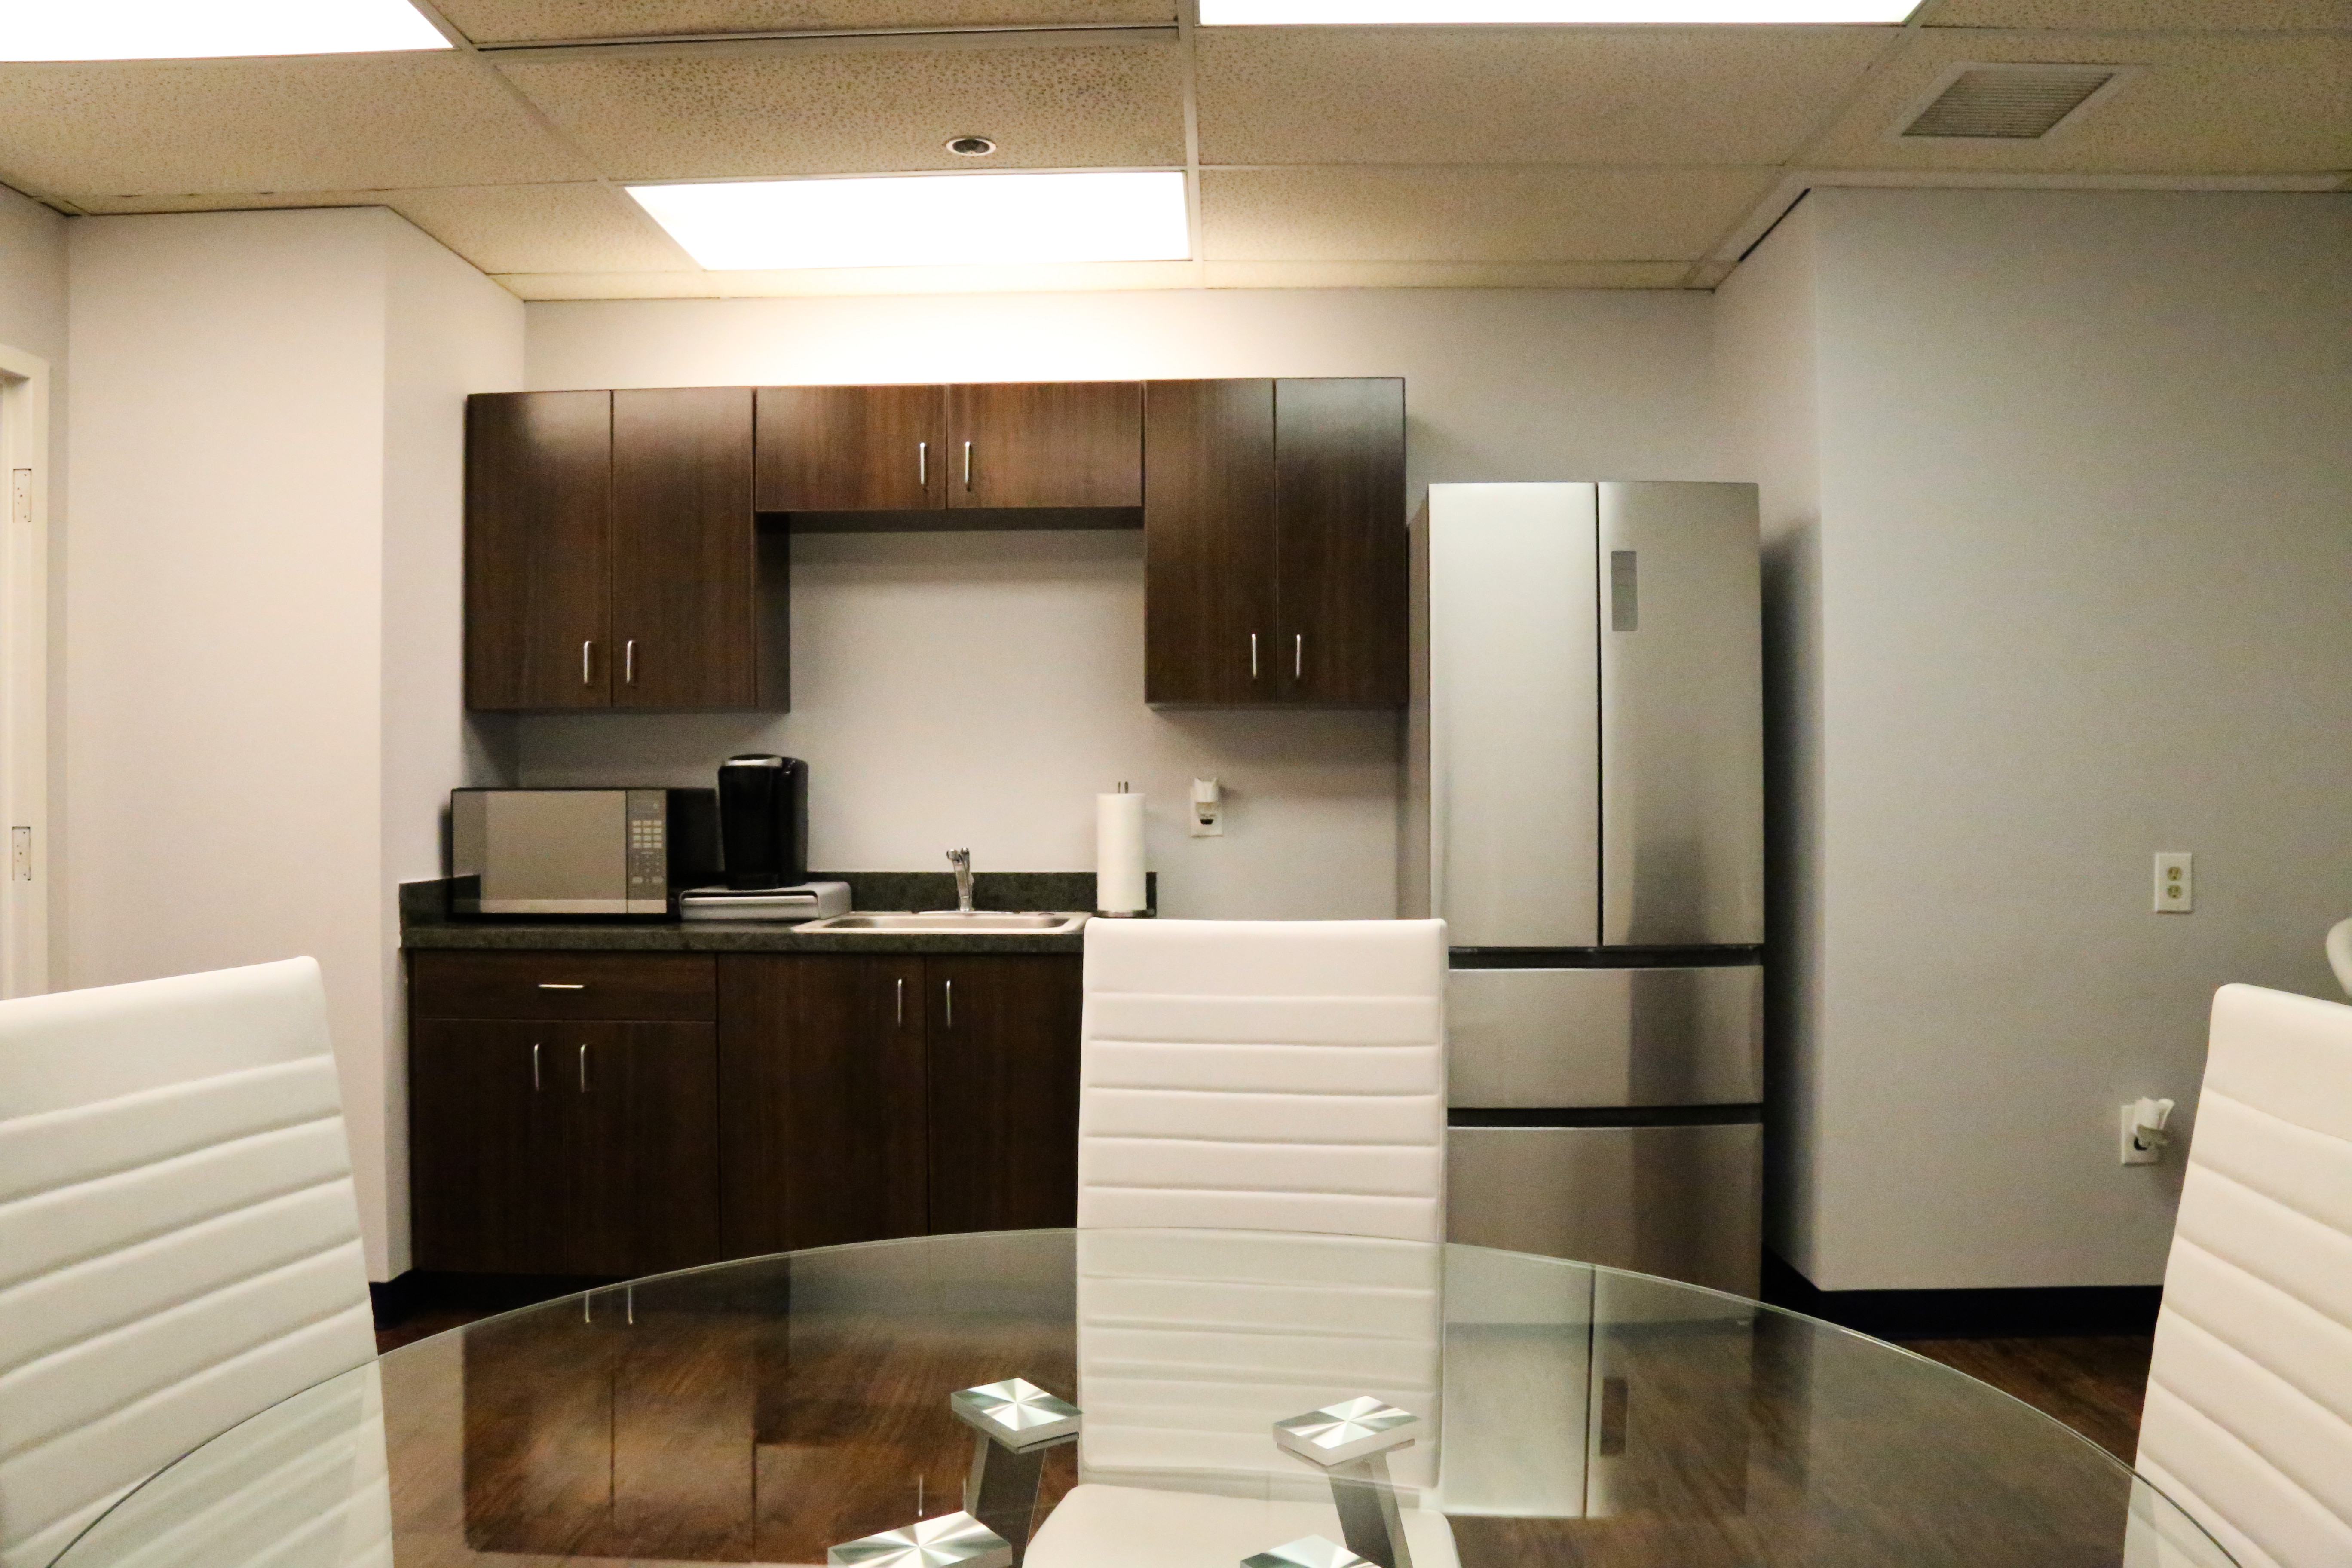 Break Room - Kitchen Area - Columbia Virtual Office